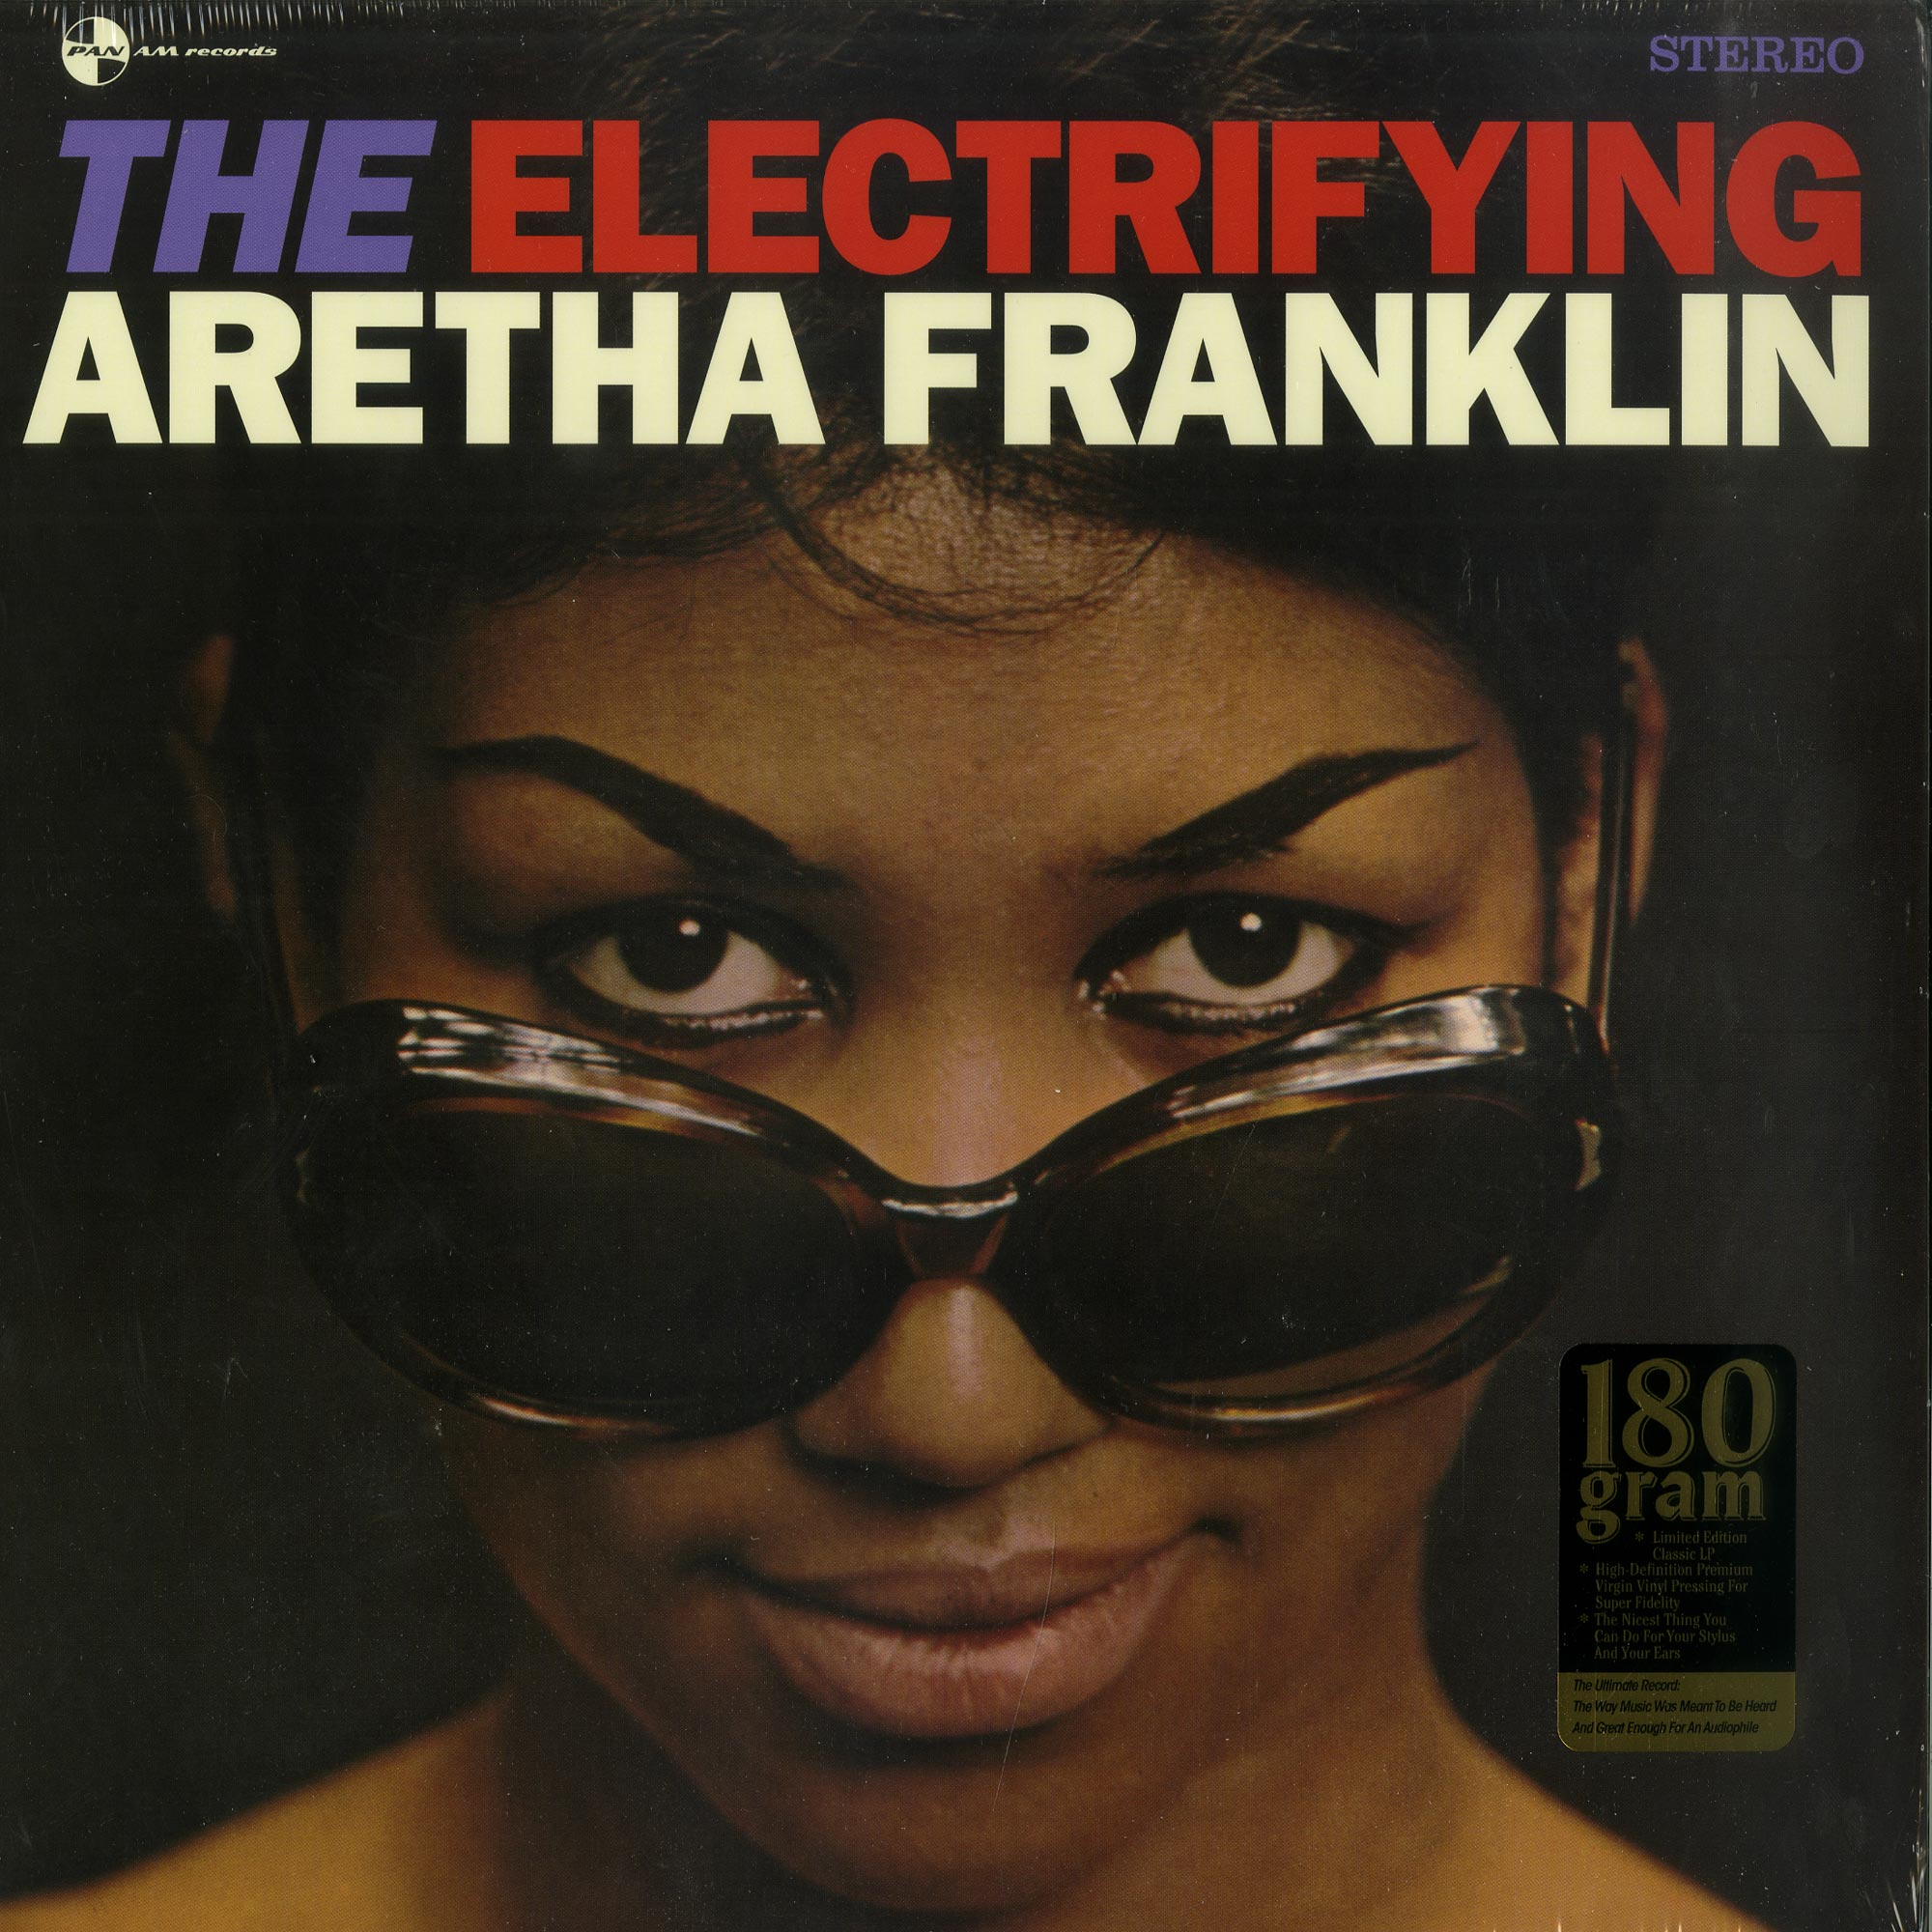 Aretha Franklin - THE ELECTRIFYING ARETHA FRANKLIN